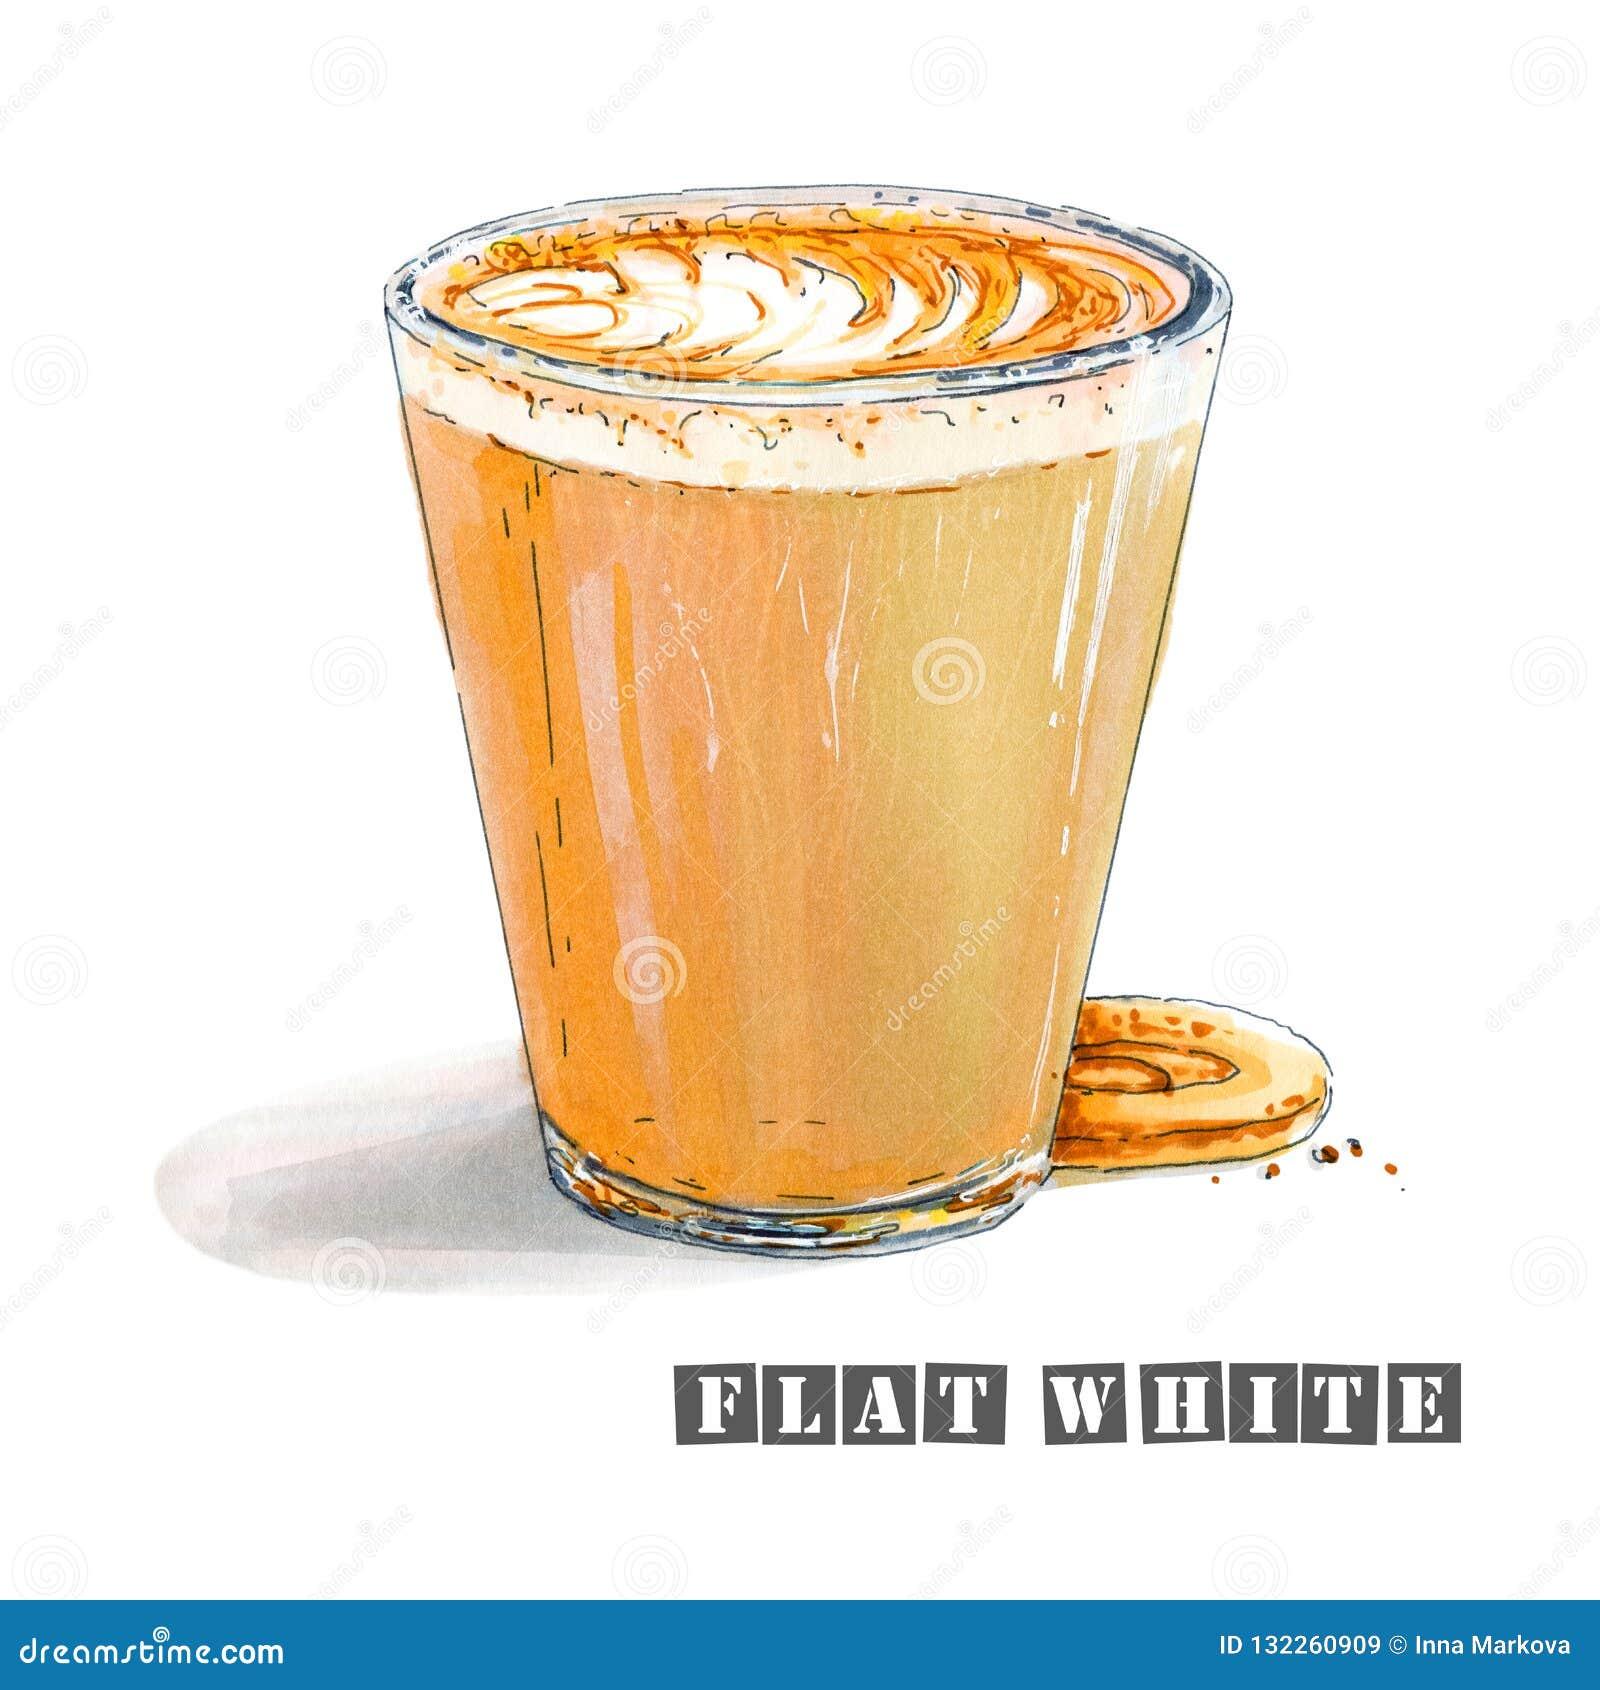 Illustration des süßen flachen Weiß mit einem köstlichen Schaum in einem transparenten Glas